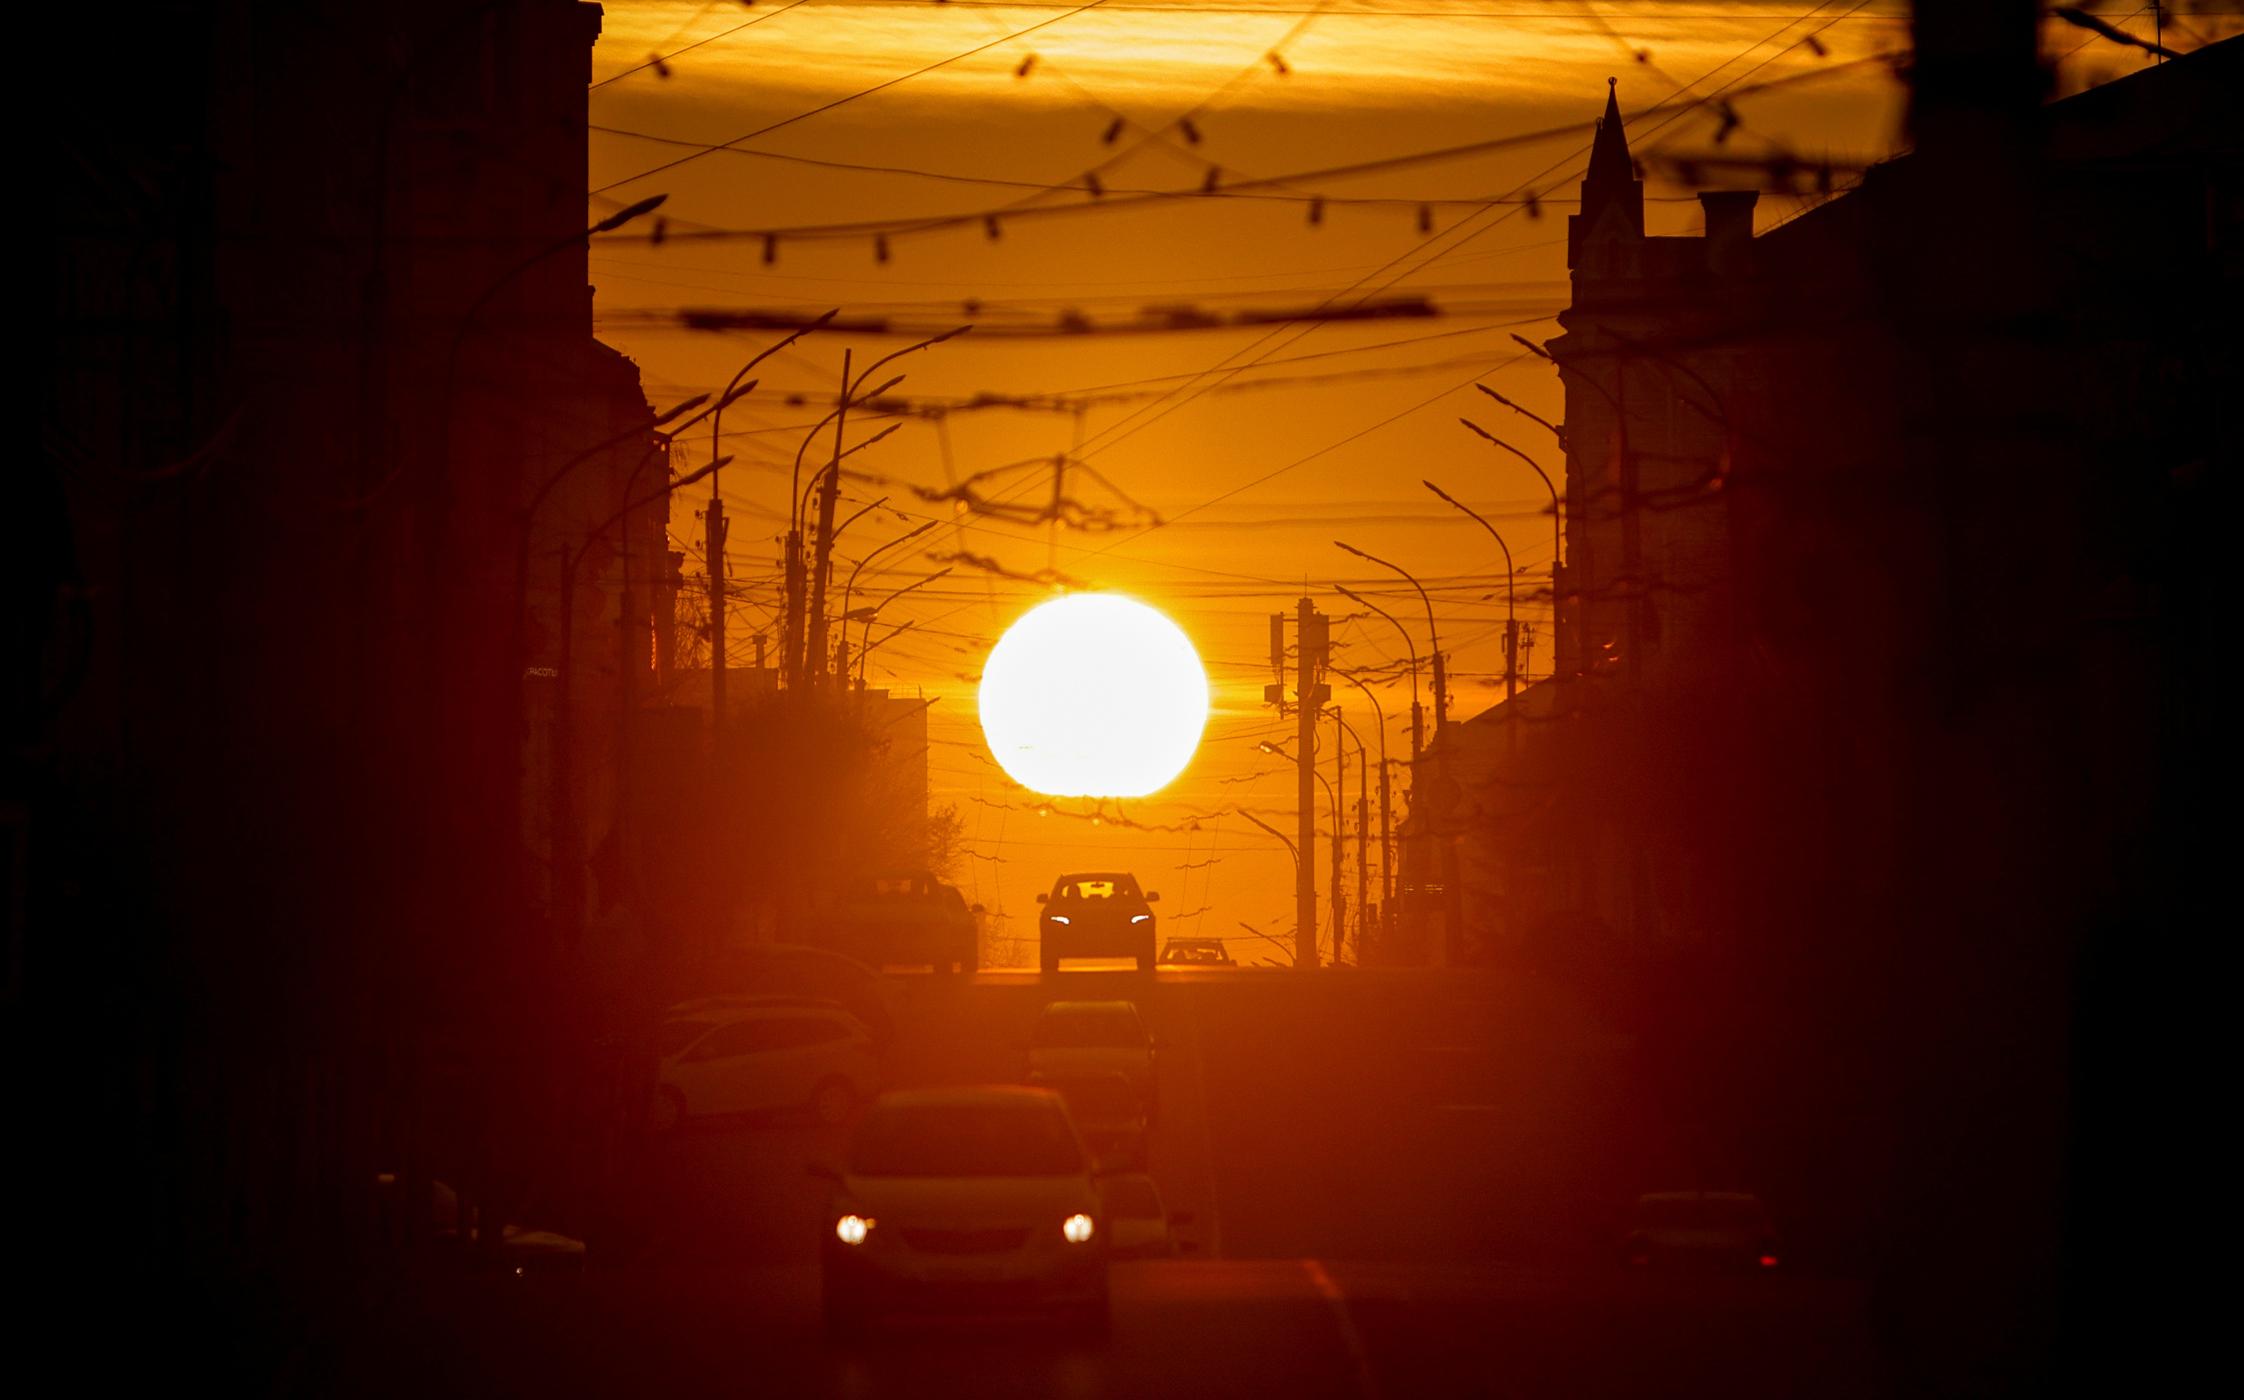 """ΟΗΕ: Ο πλανήτης οδεύει προς μια """"καταστροφική"""" υπερθέρμανση τον 21ο αιώνα"""